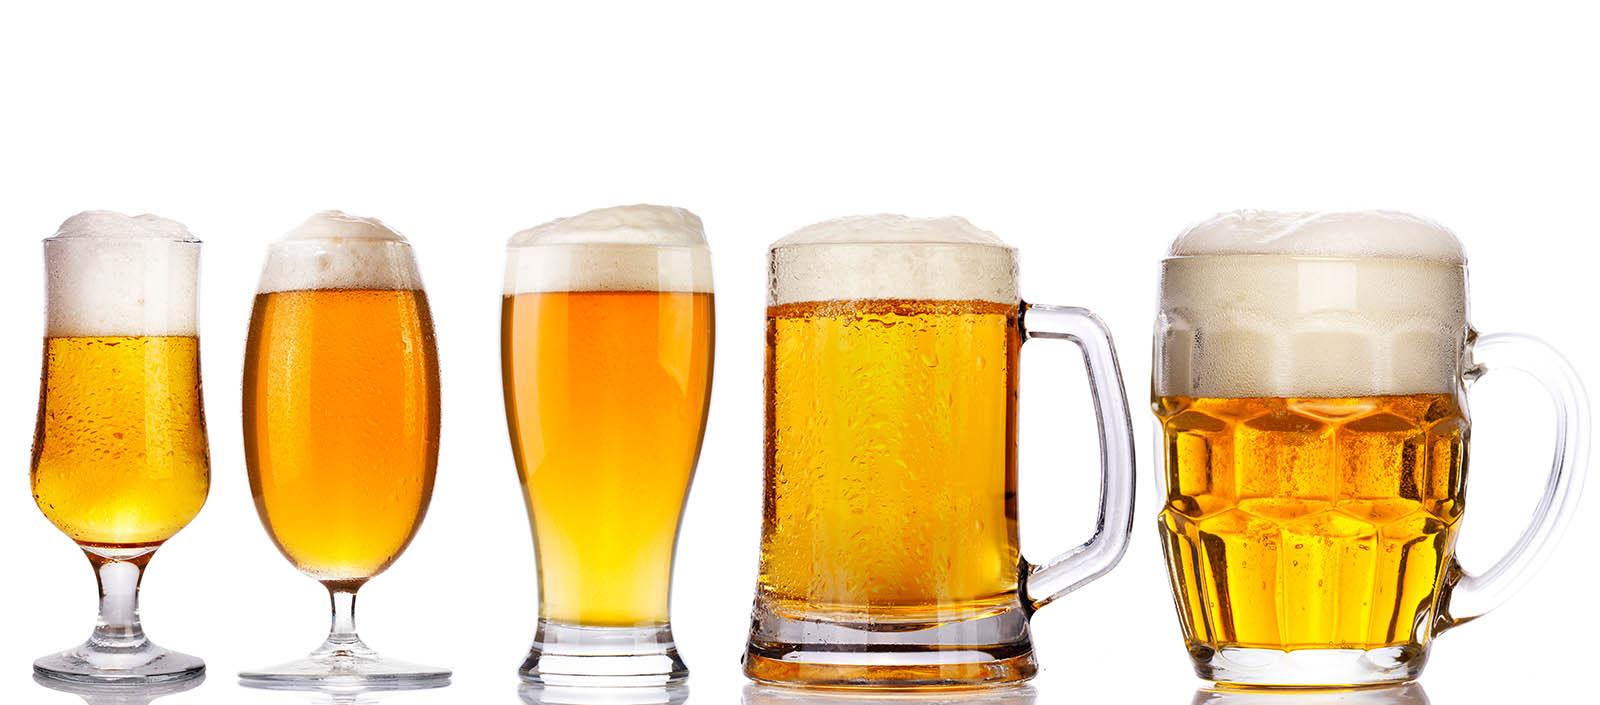 bier in bierkrügen